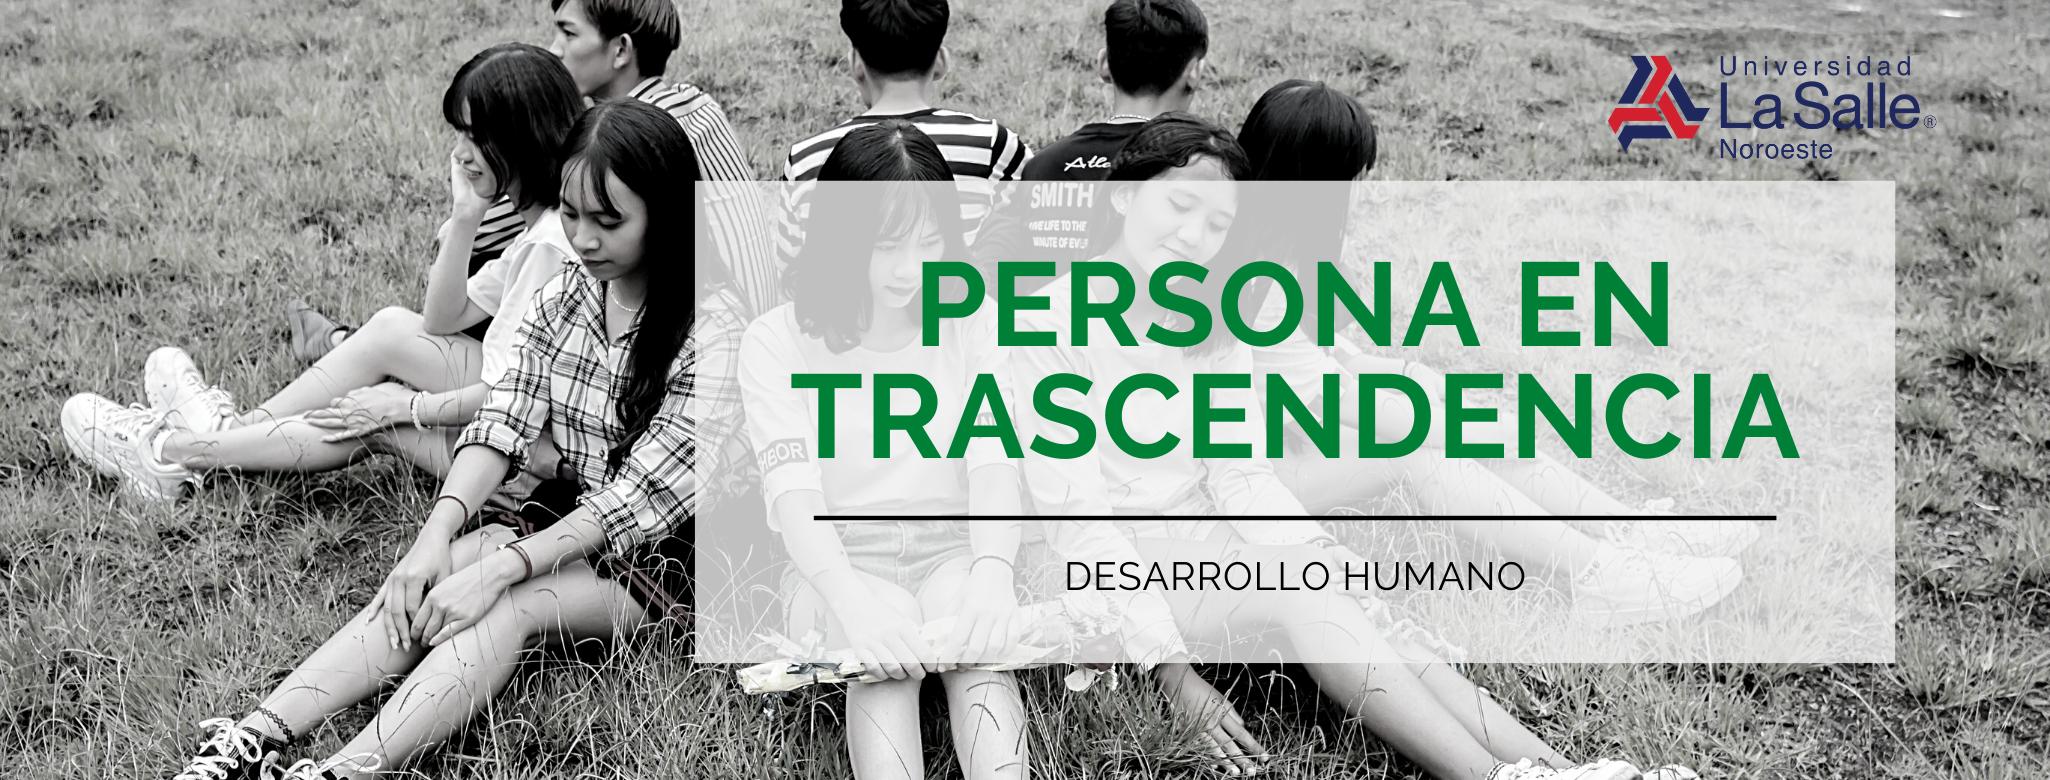 PERSONA EN TRASCENDENCIA FI0101813_2020-1